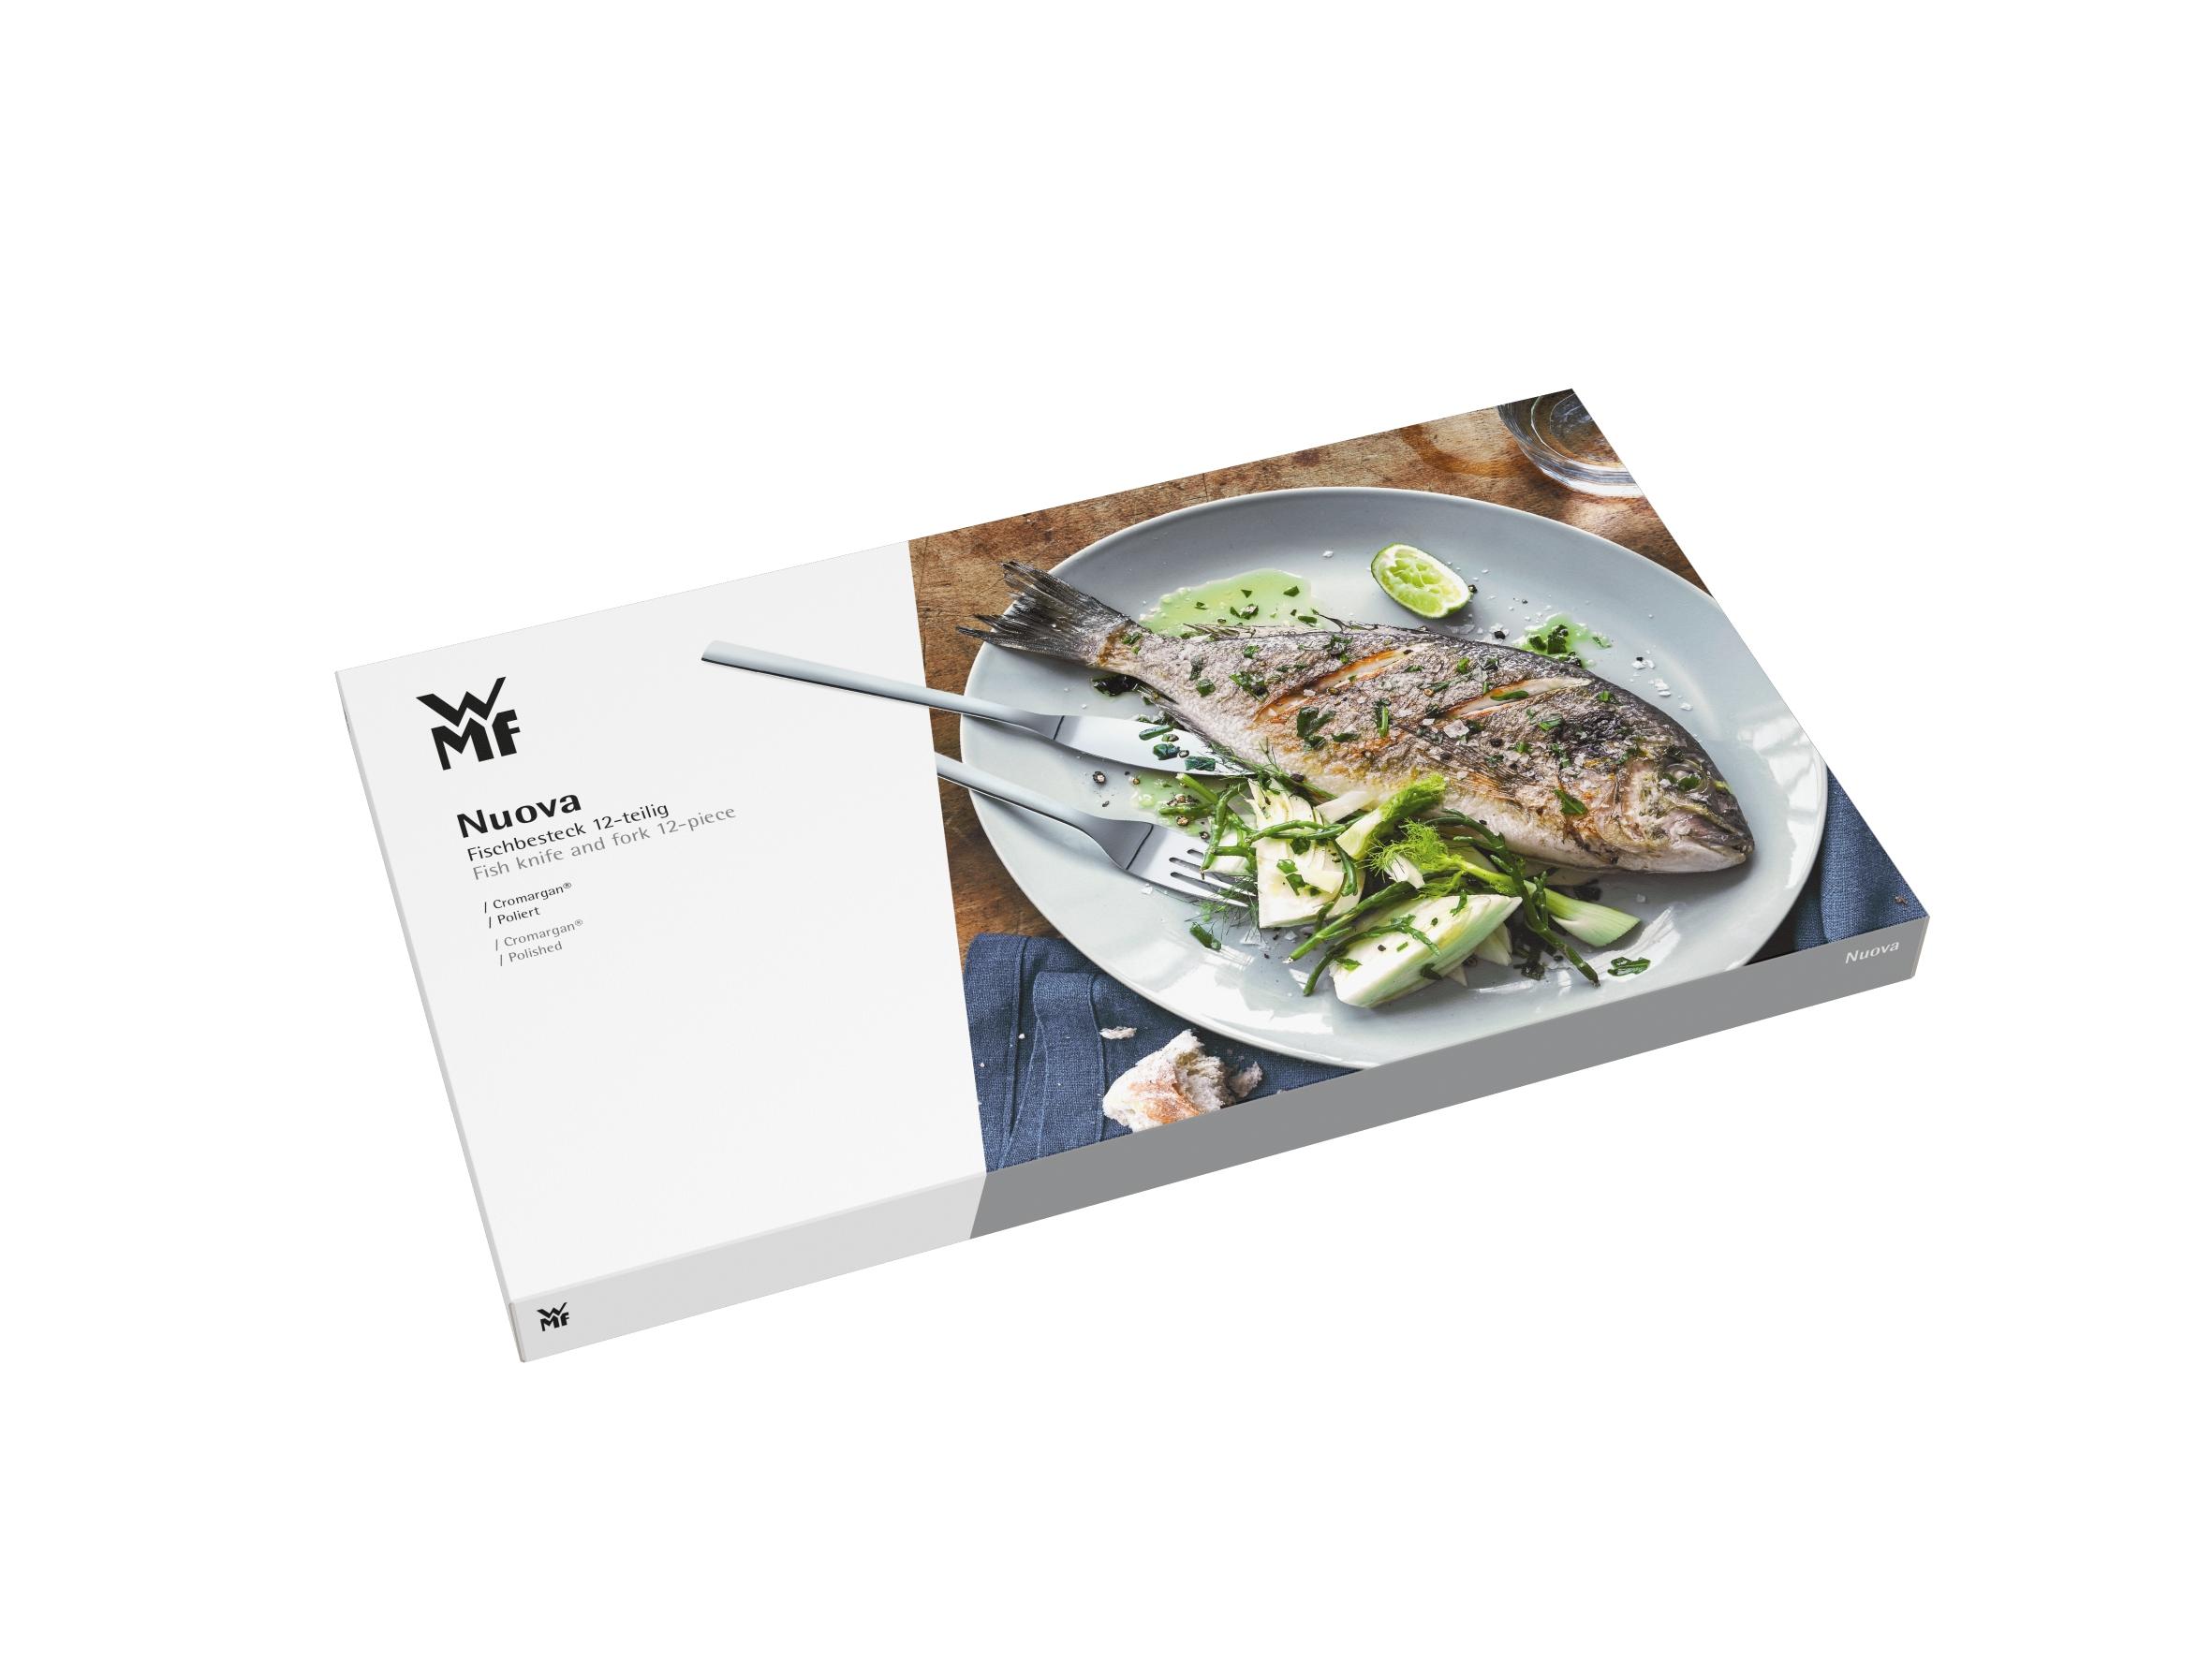 WMF Nuova Balık Çatal Bıçak Seti 12 Parça